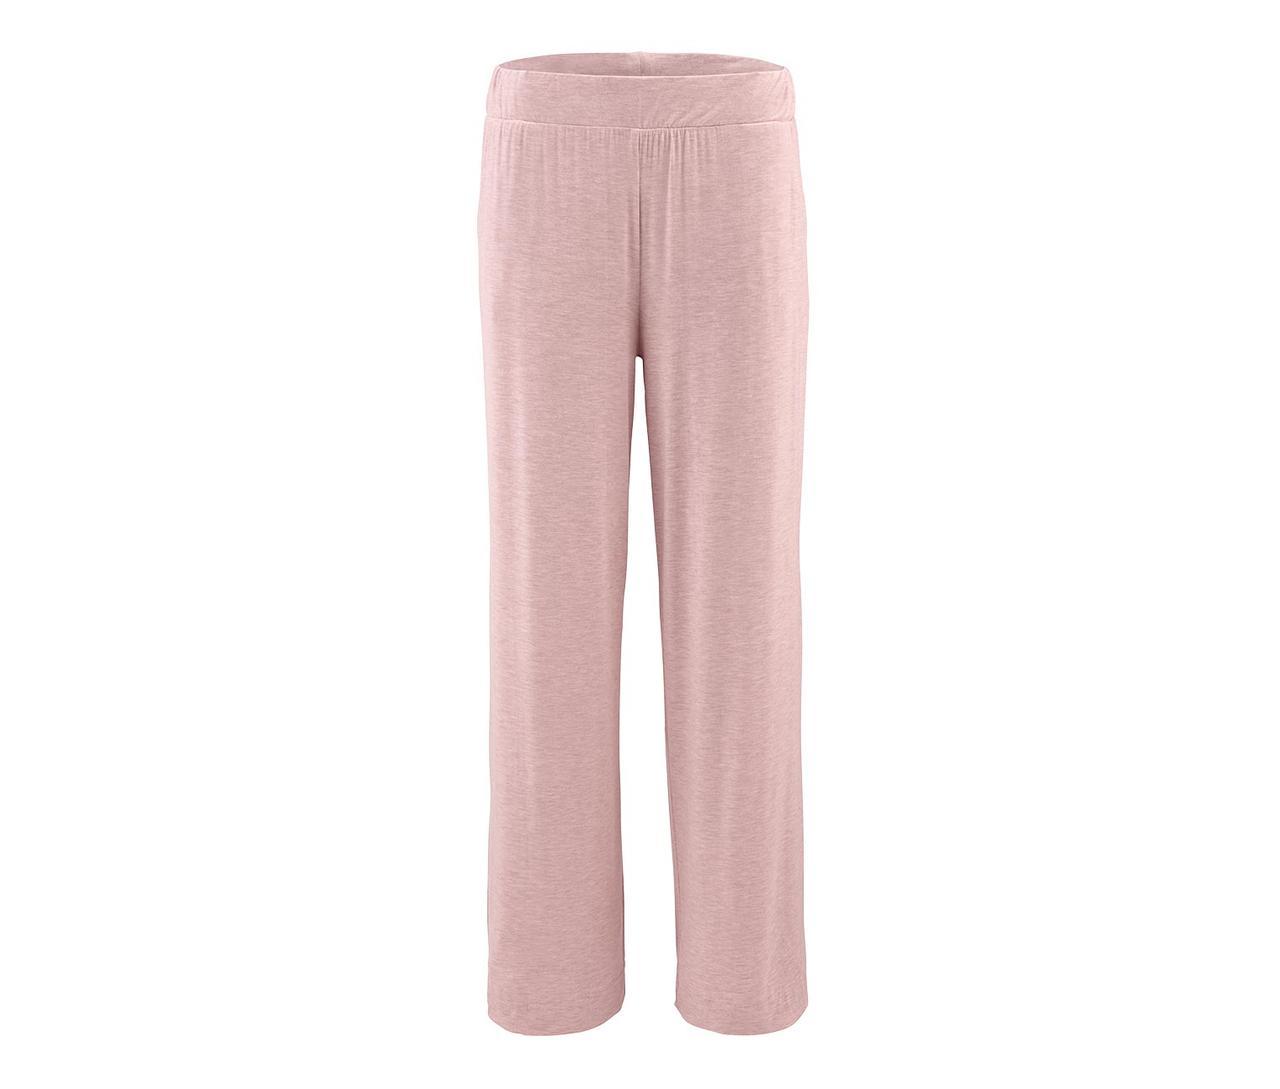 fc4b3094ebda ... Уютные красивые брюки для дома и отдыха от тсм Чибо (Tchibo), Германия,  ...